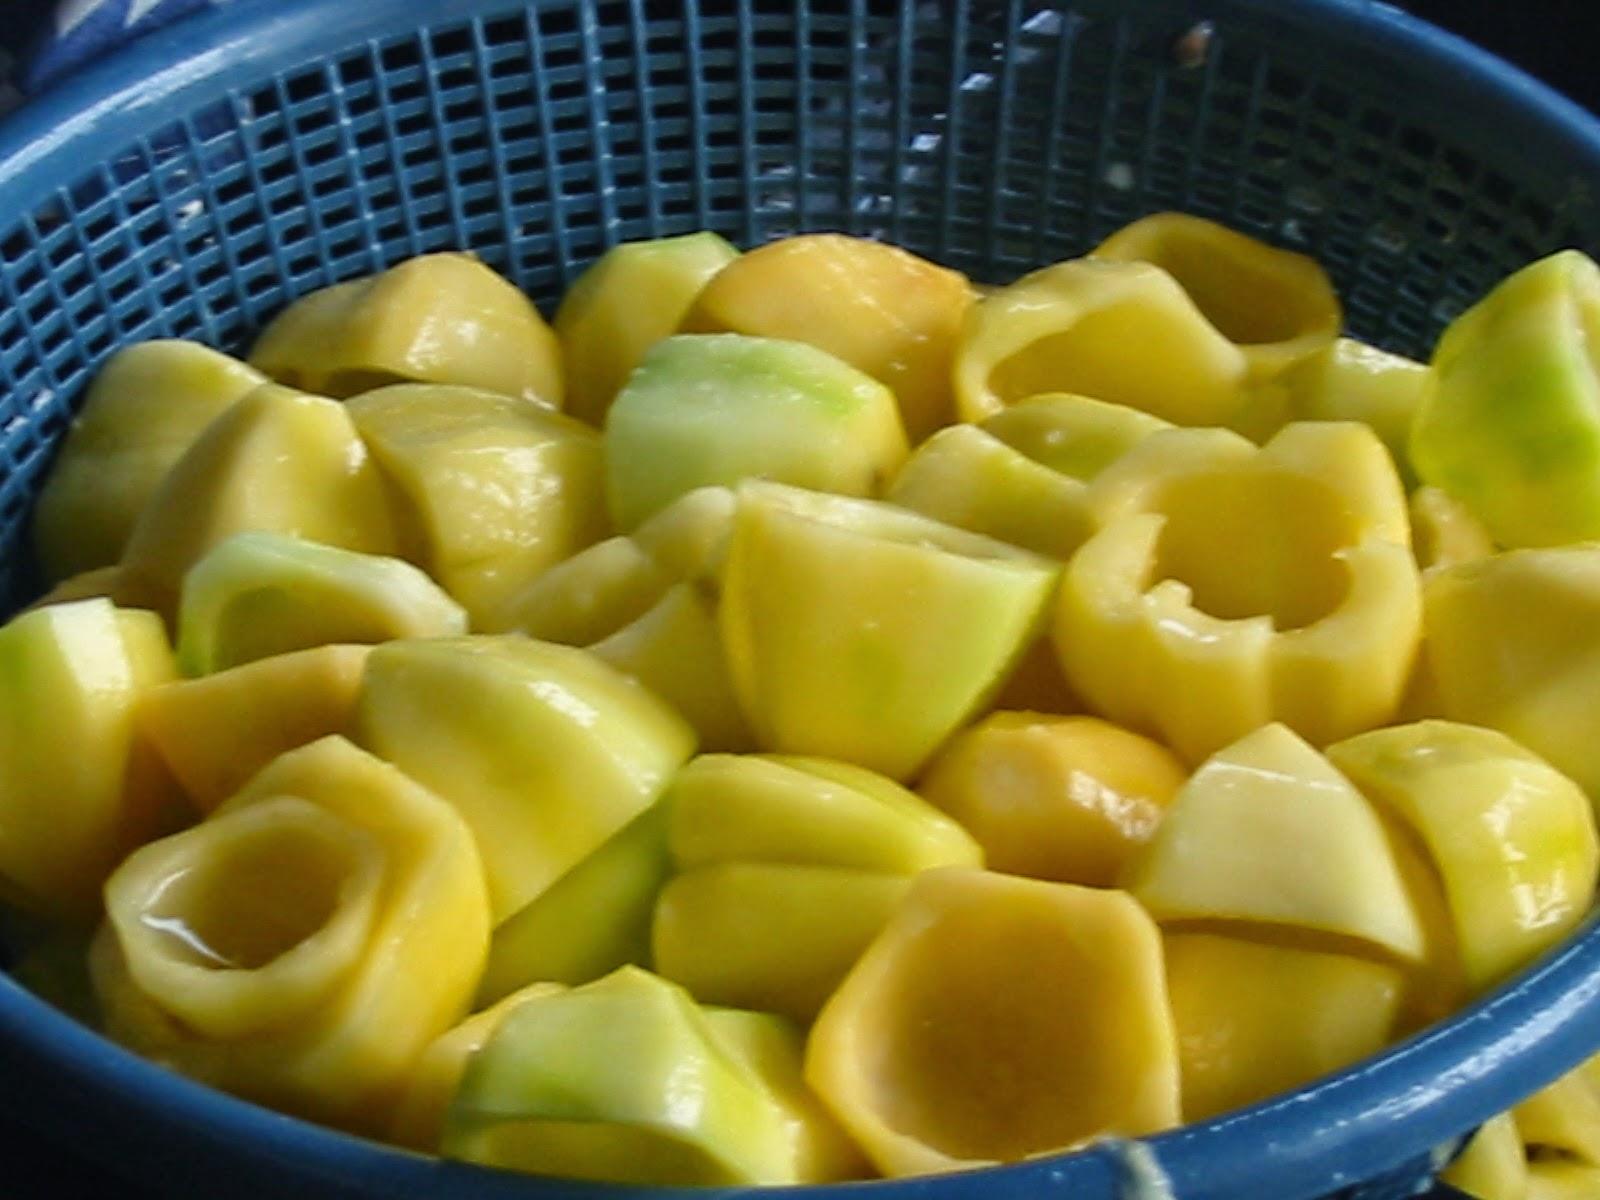 buah carica dipotong